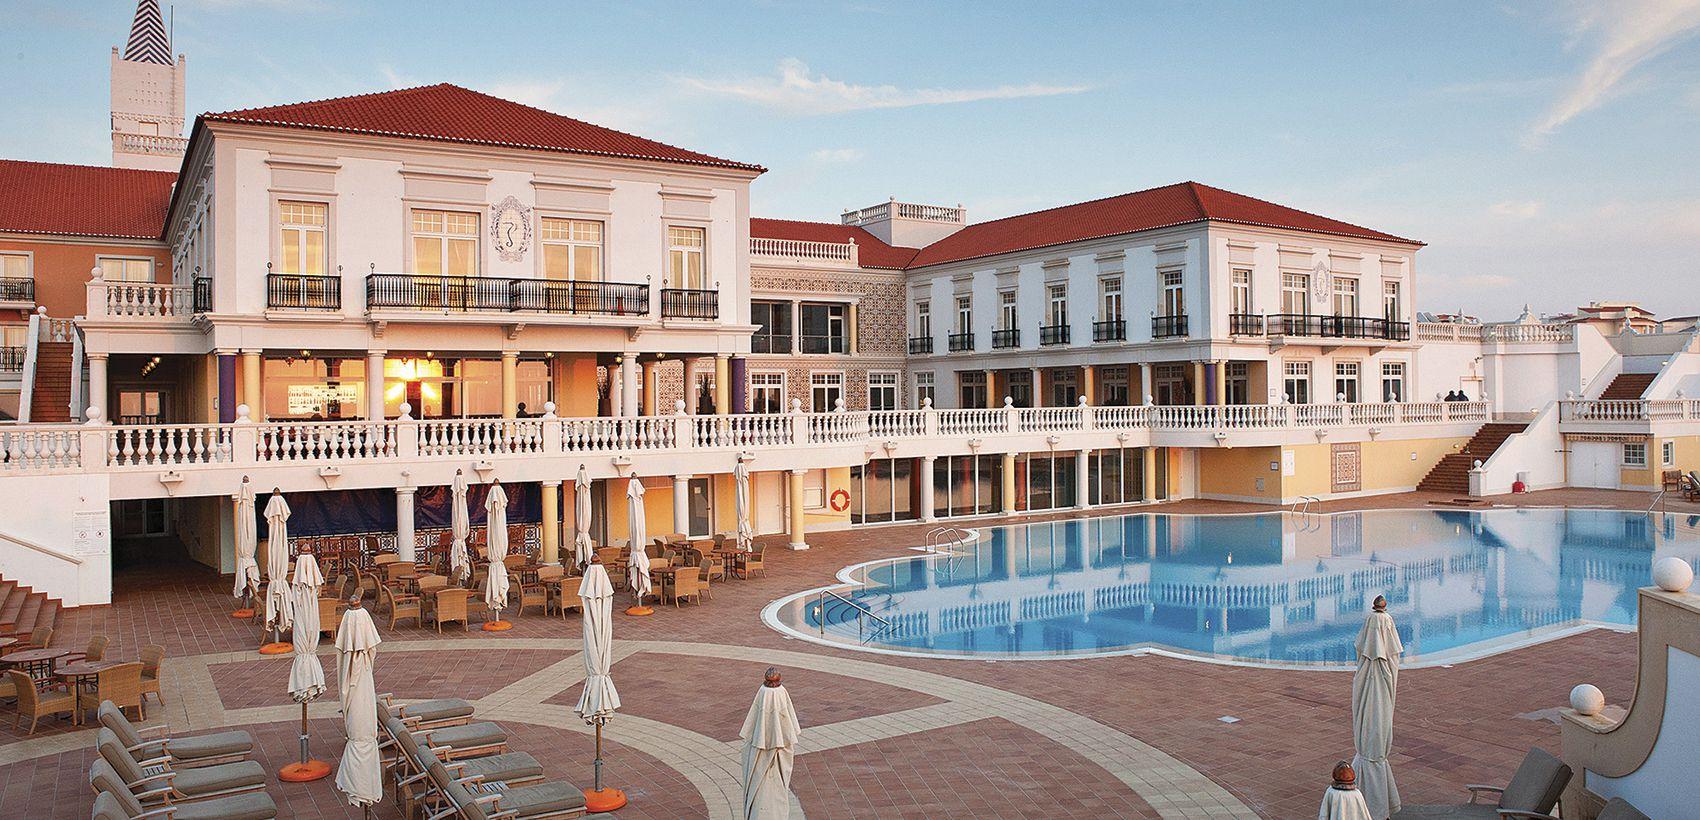 Momentos Românticos: Praia D'El Rey Marriott Resort